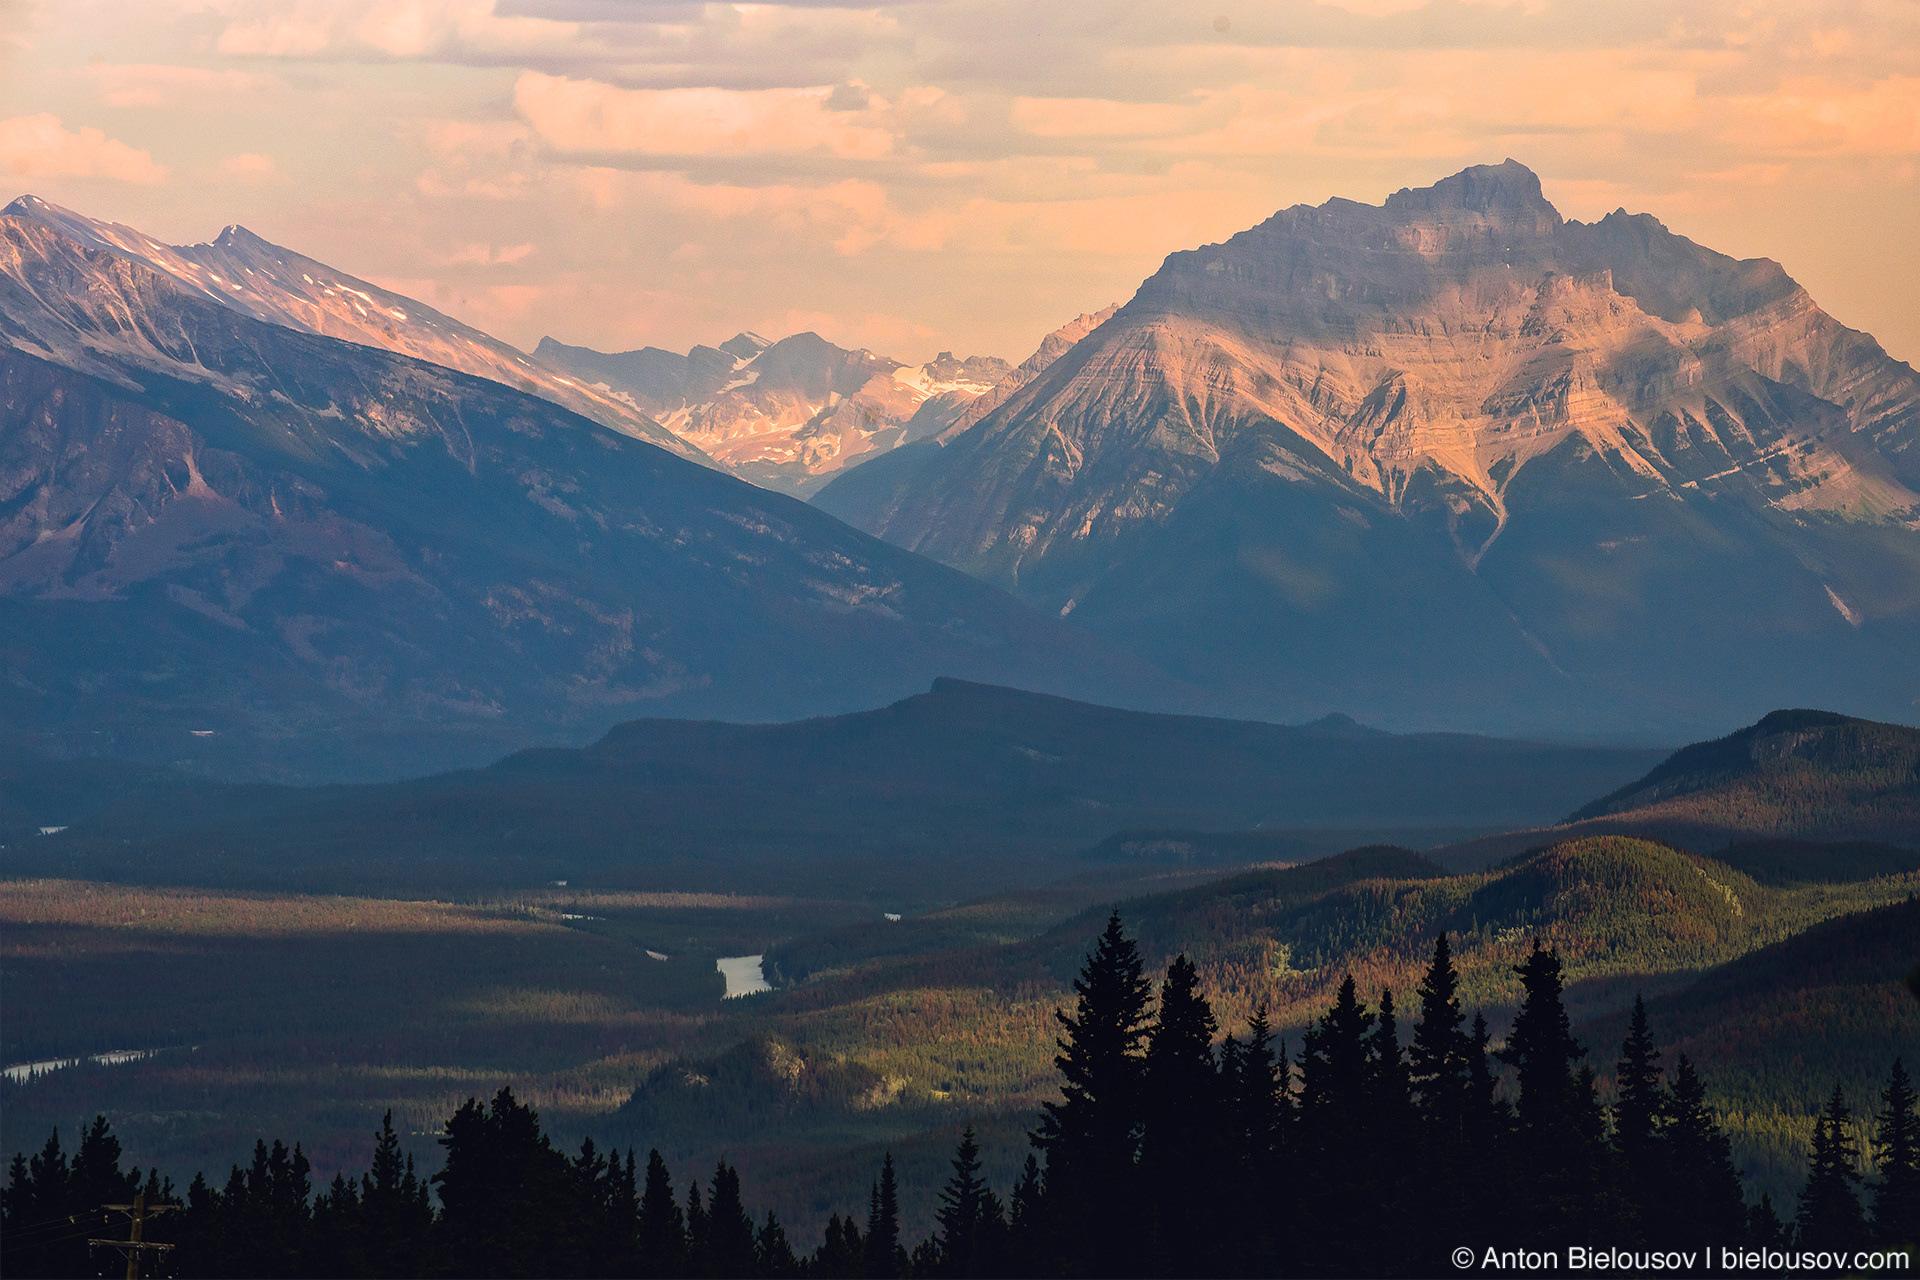 Jasper National Park landscape